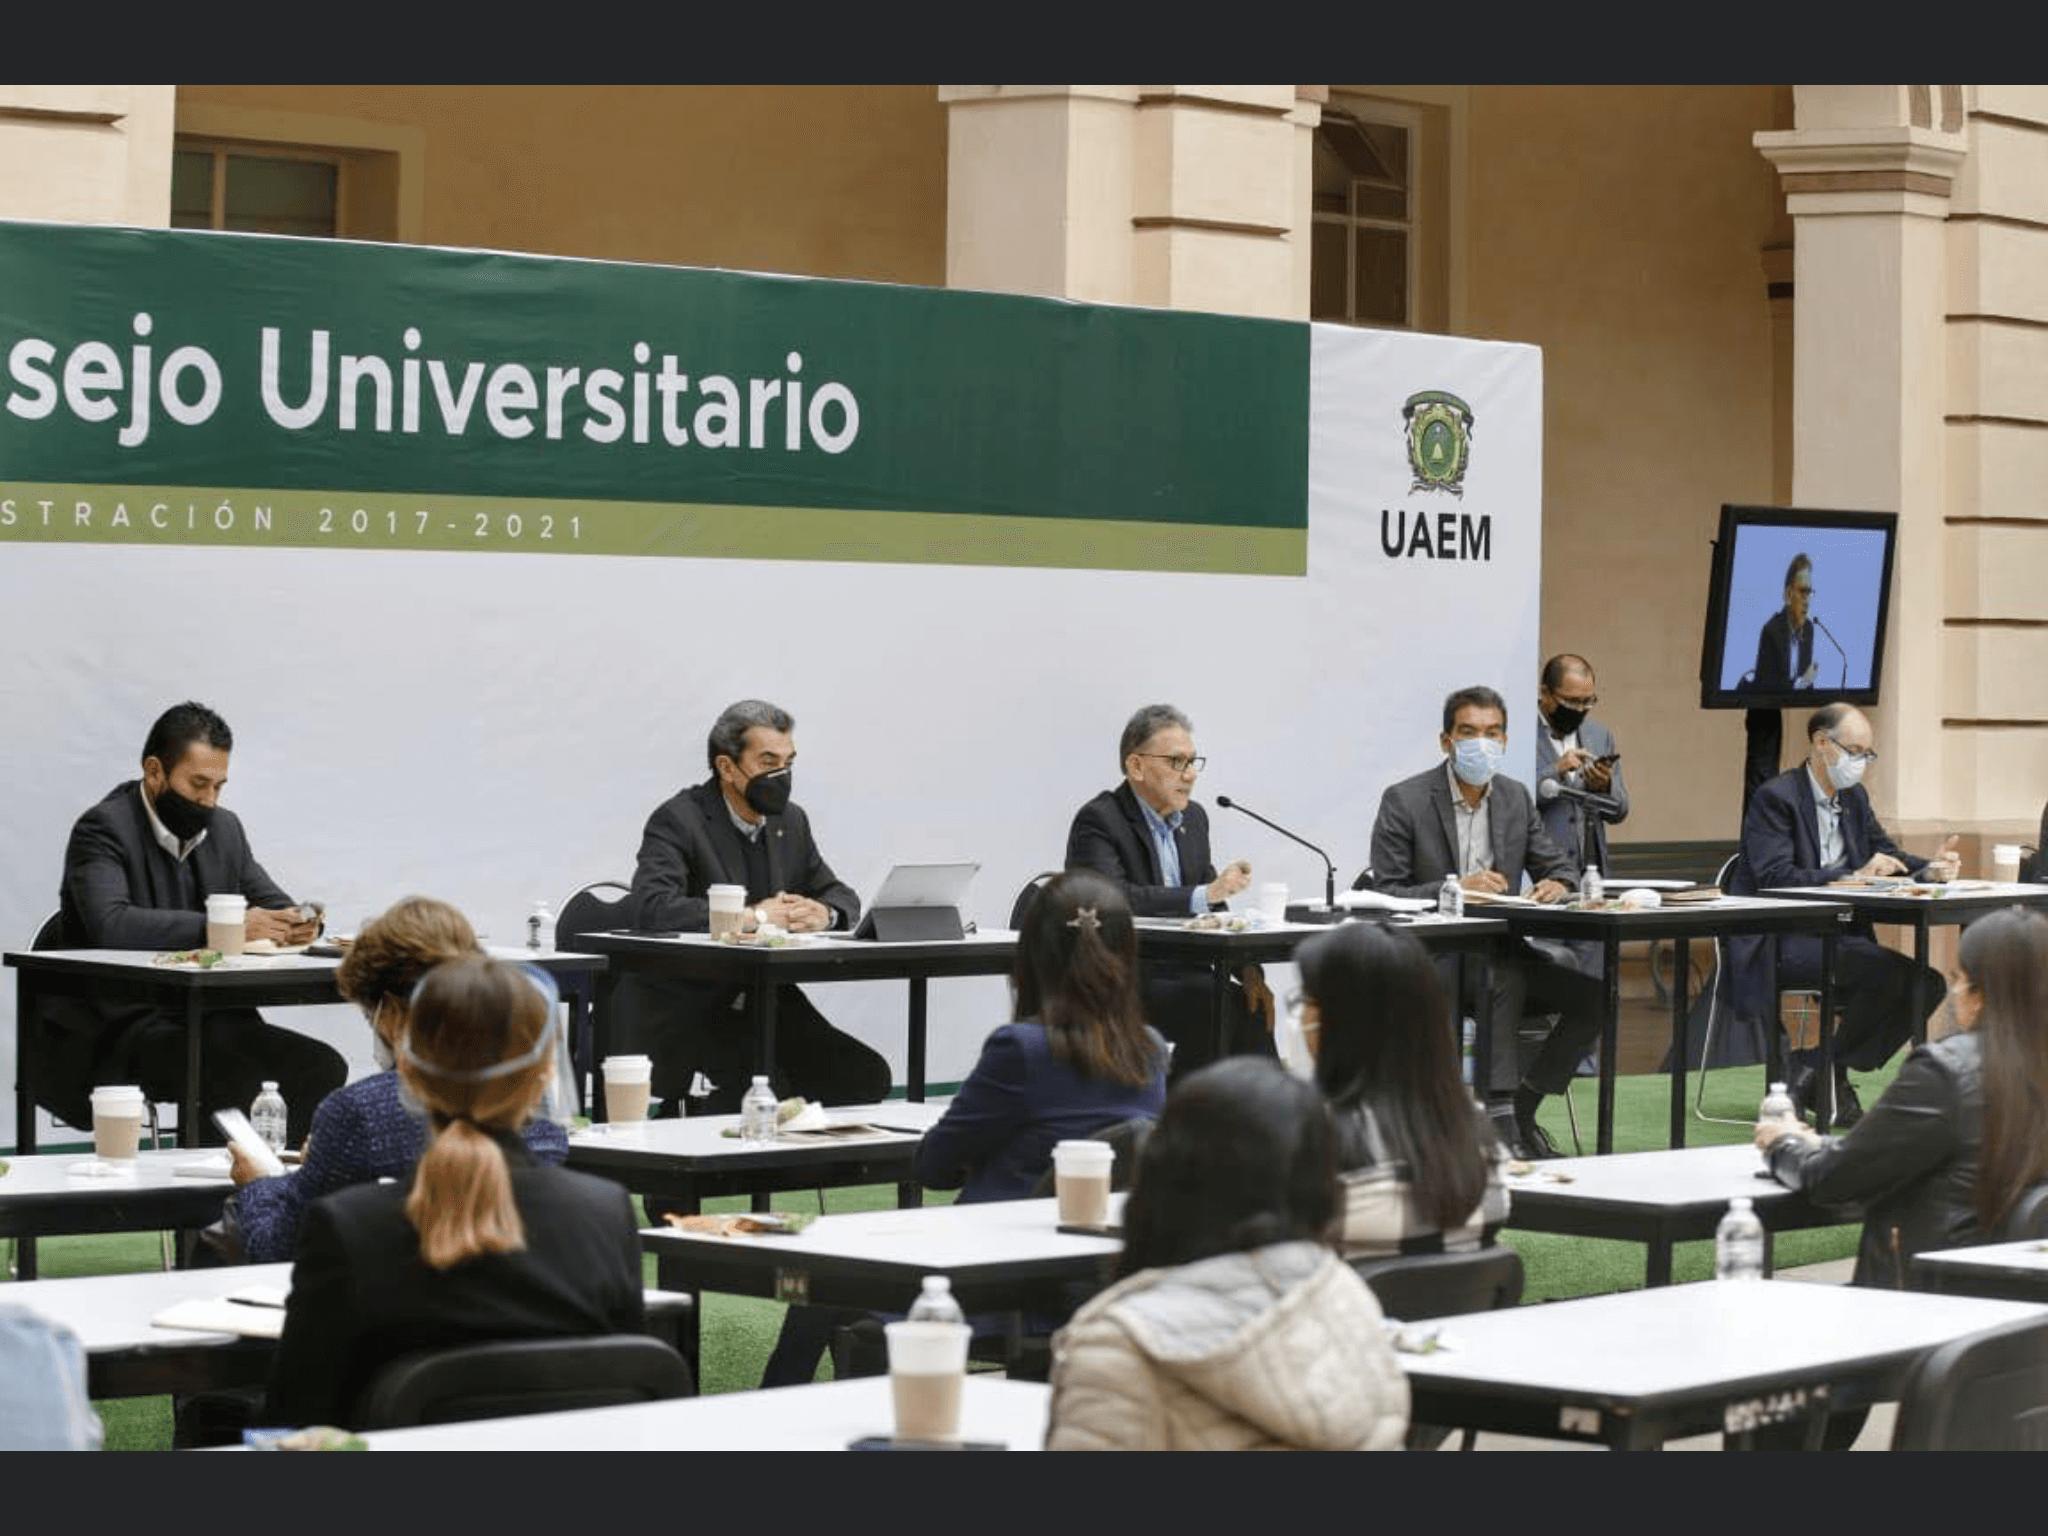 Descarta UAEM aumento a inscripciones y proyecta más becas